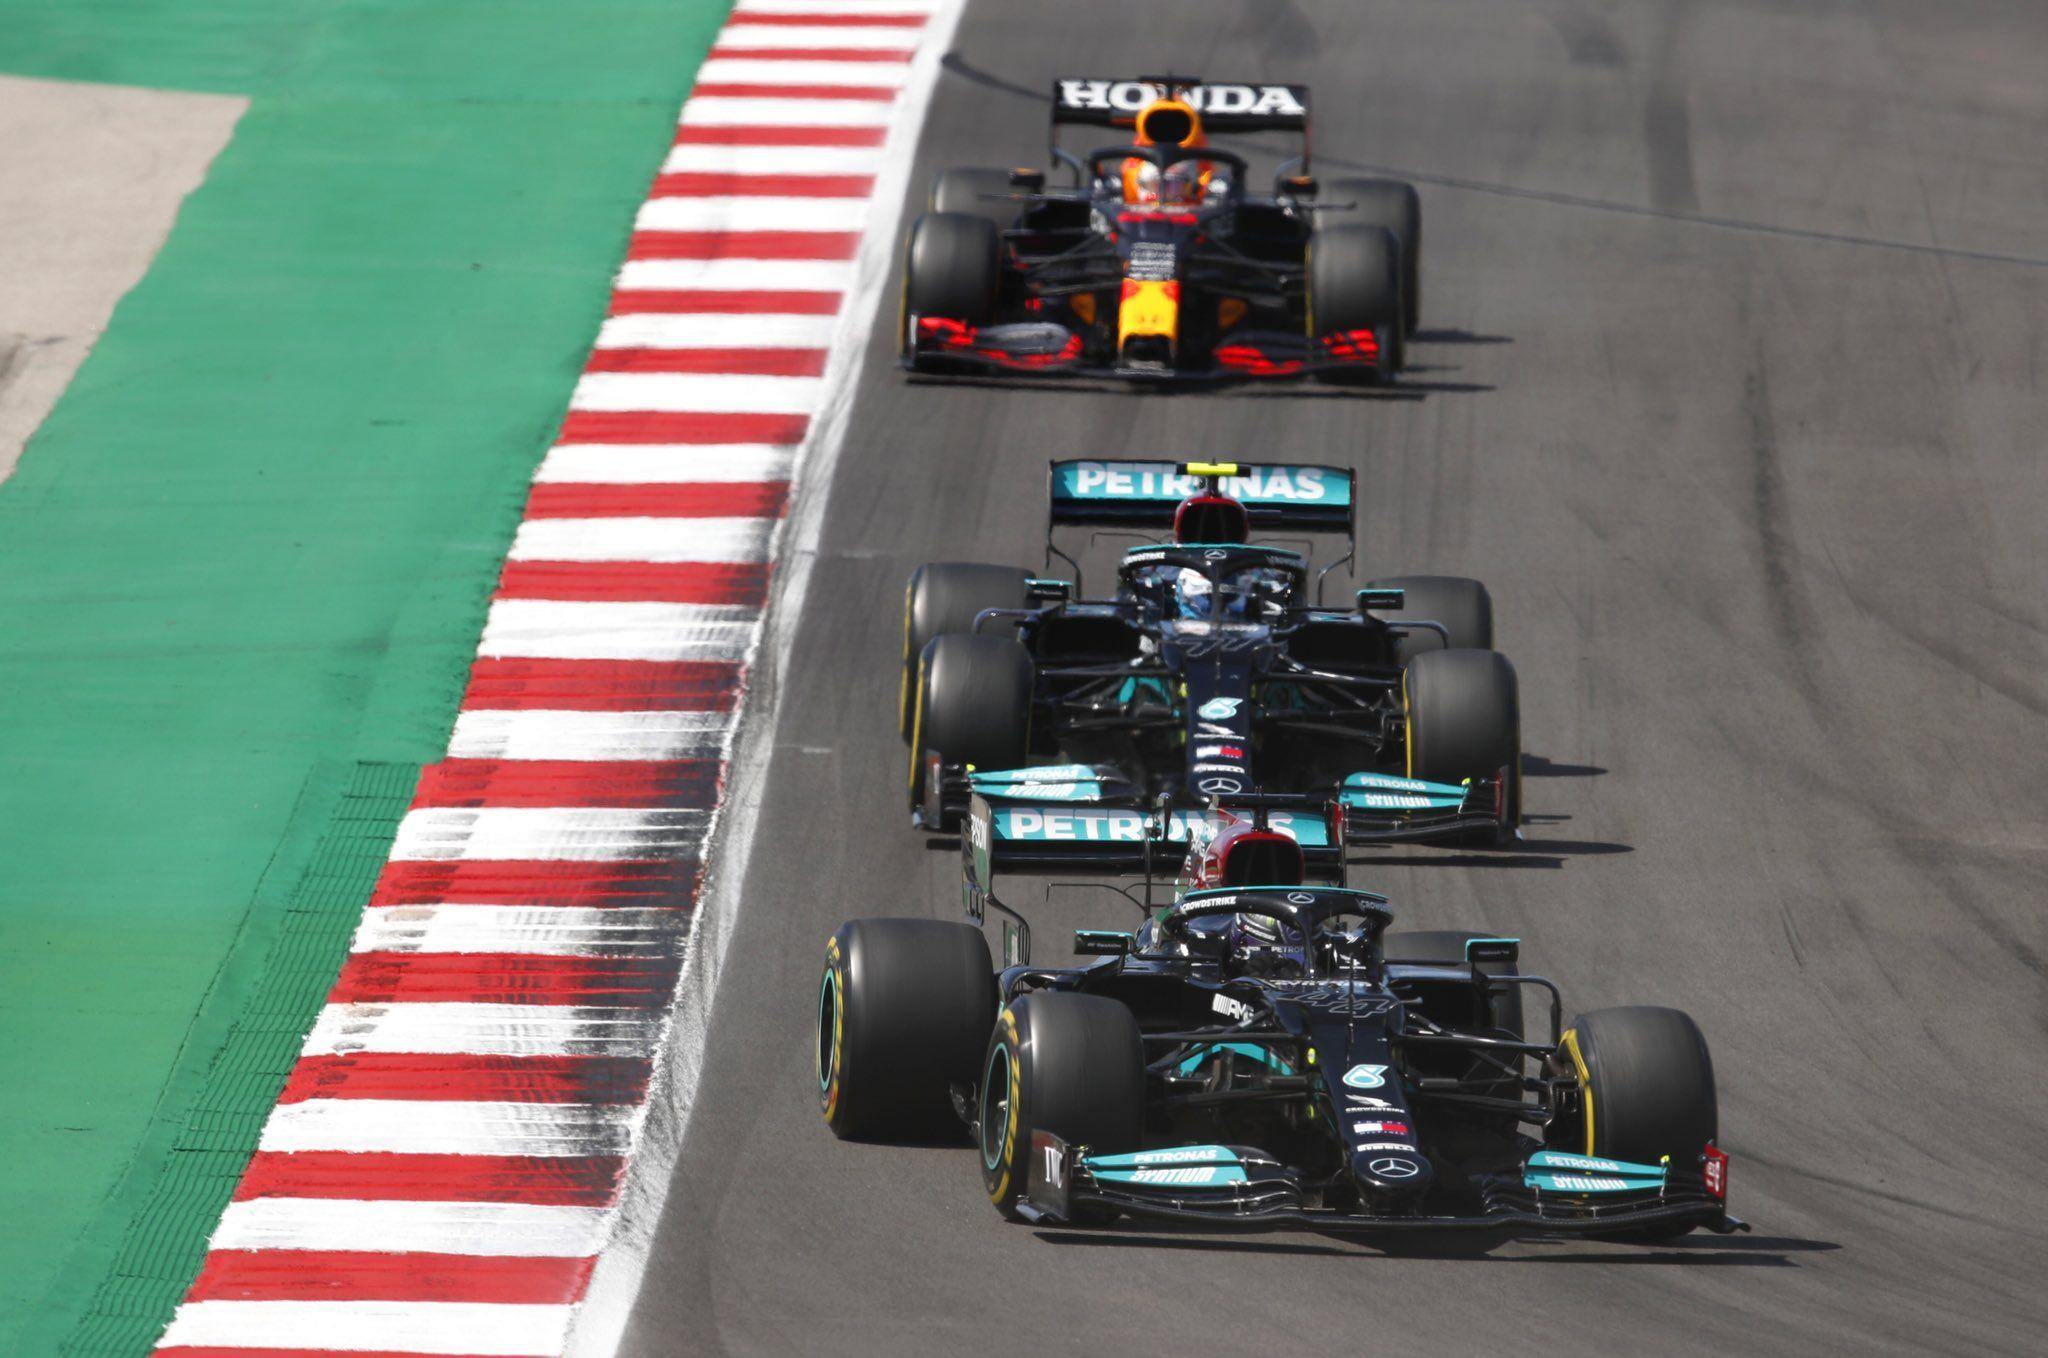 F1, Portuguese GP